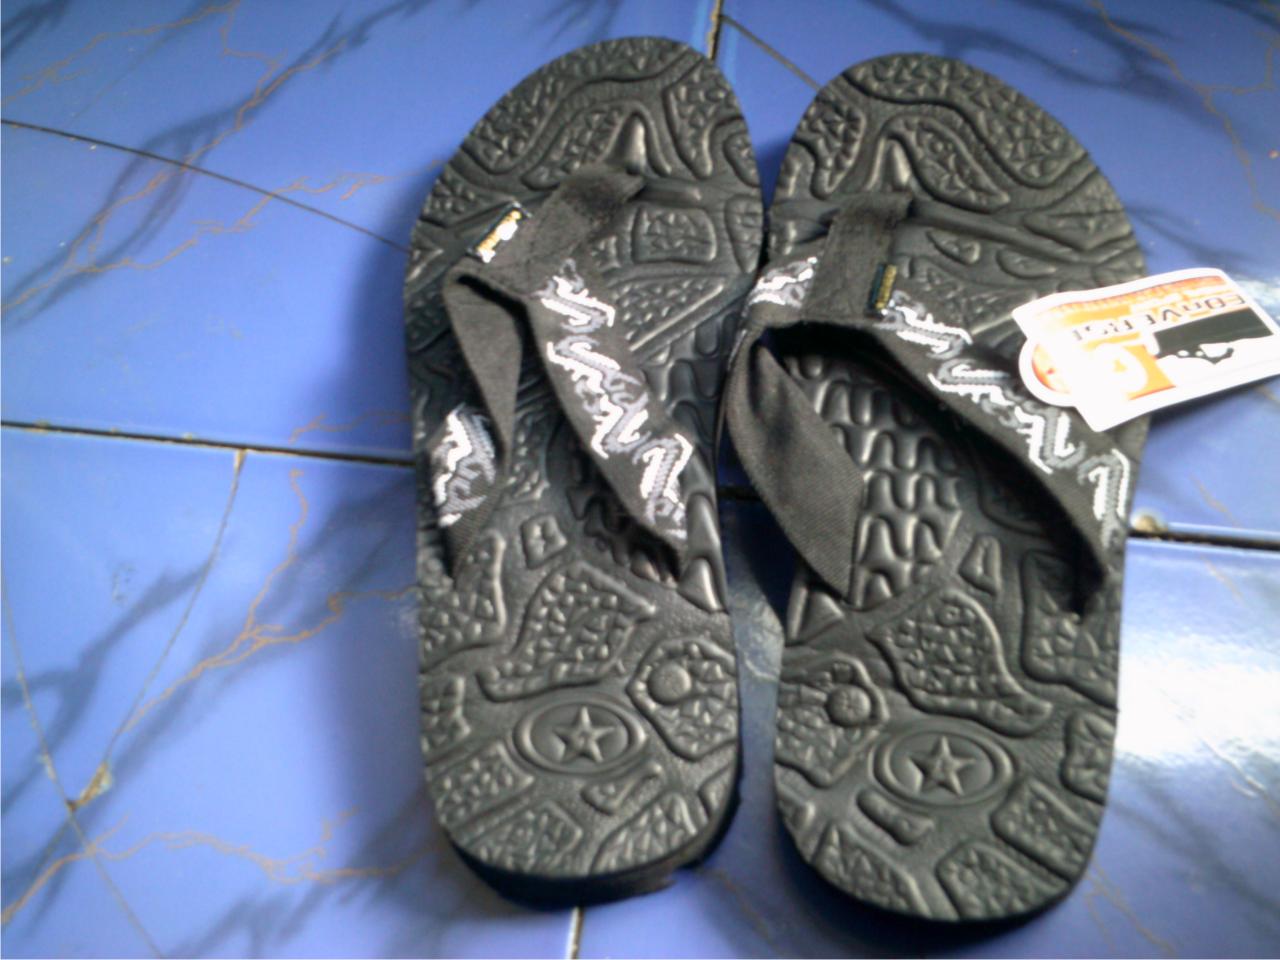 Jual Sepatu Futsal Murah Original Terbaru Toko Online ...